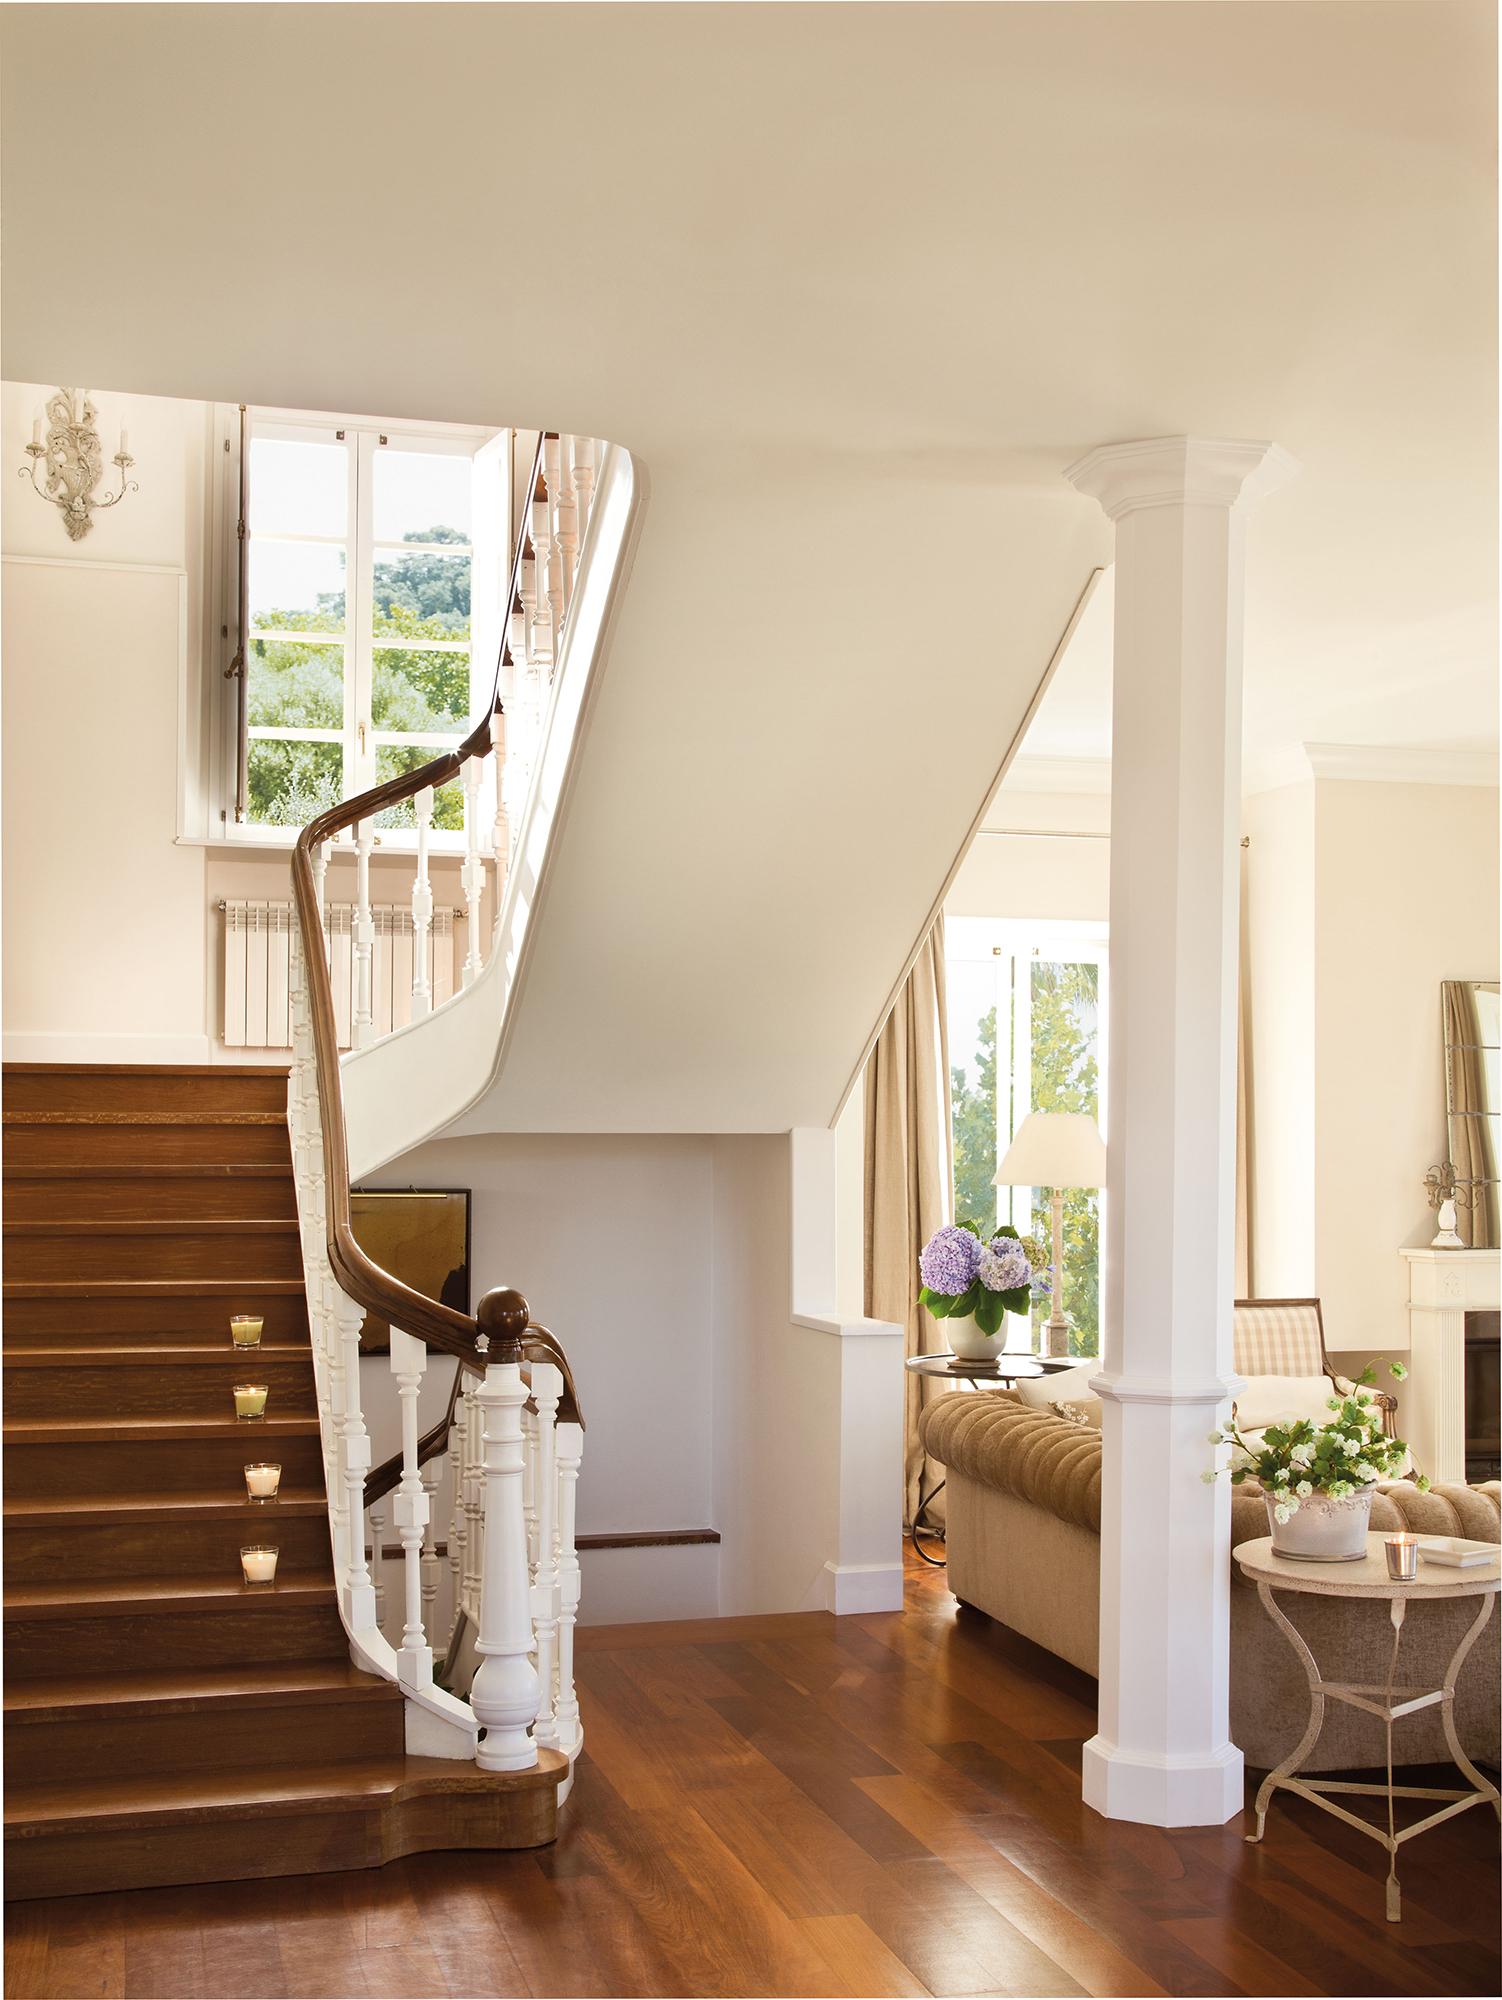 Pasamanos escalera interior modelo de escalera interior templado barandilla de vidrio pasamanos - Barandillas de madera para interior ...